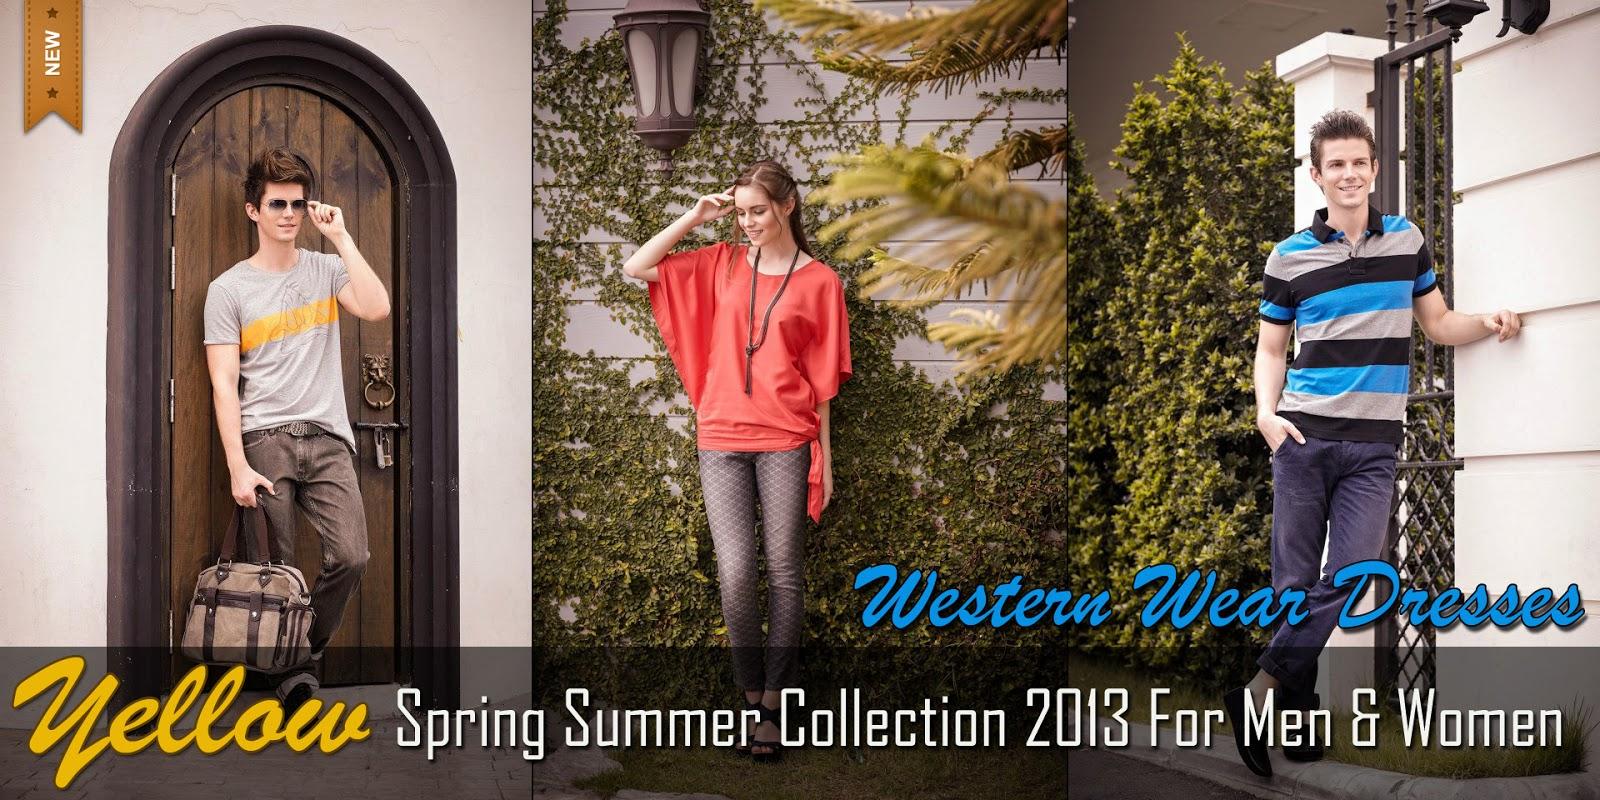 ca5d6349bda Yellow Spring Summer Collection 2013